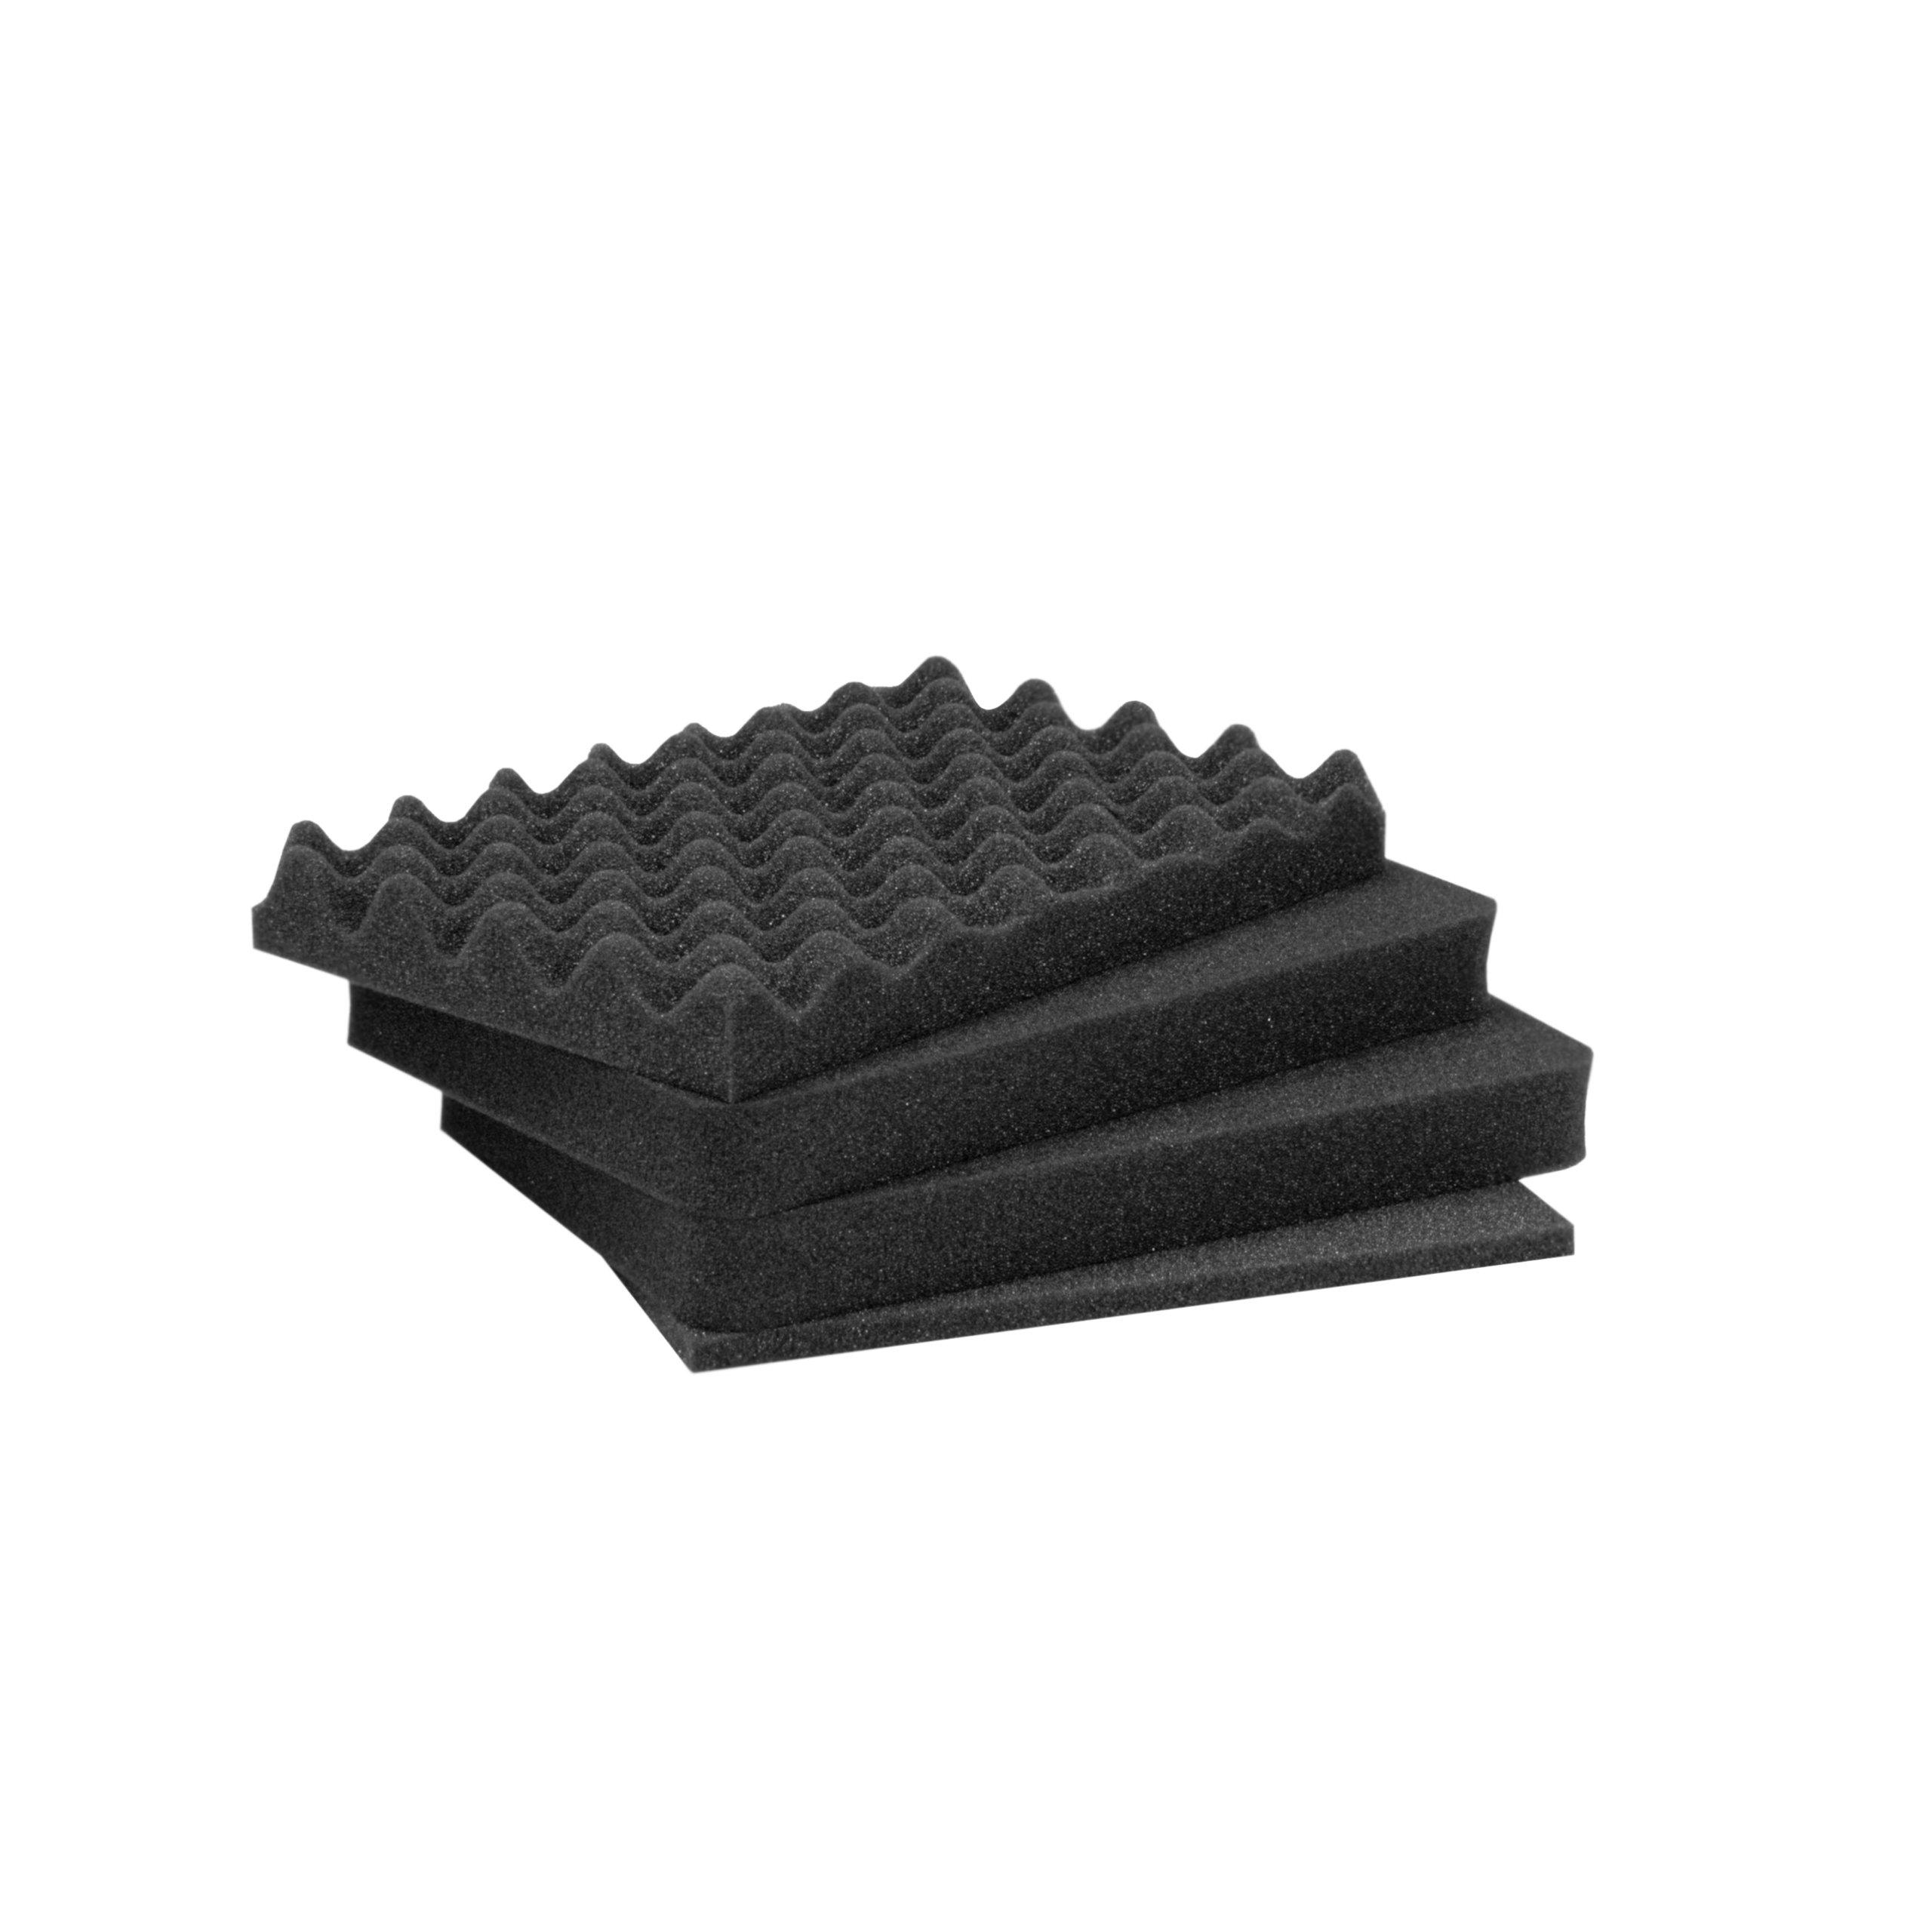 Foam inserts (3 part) for 915 Nanuk Case